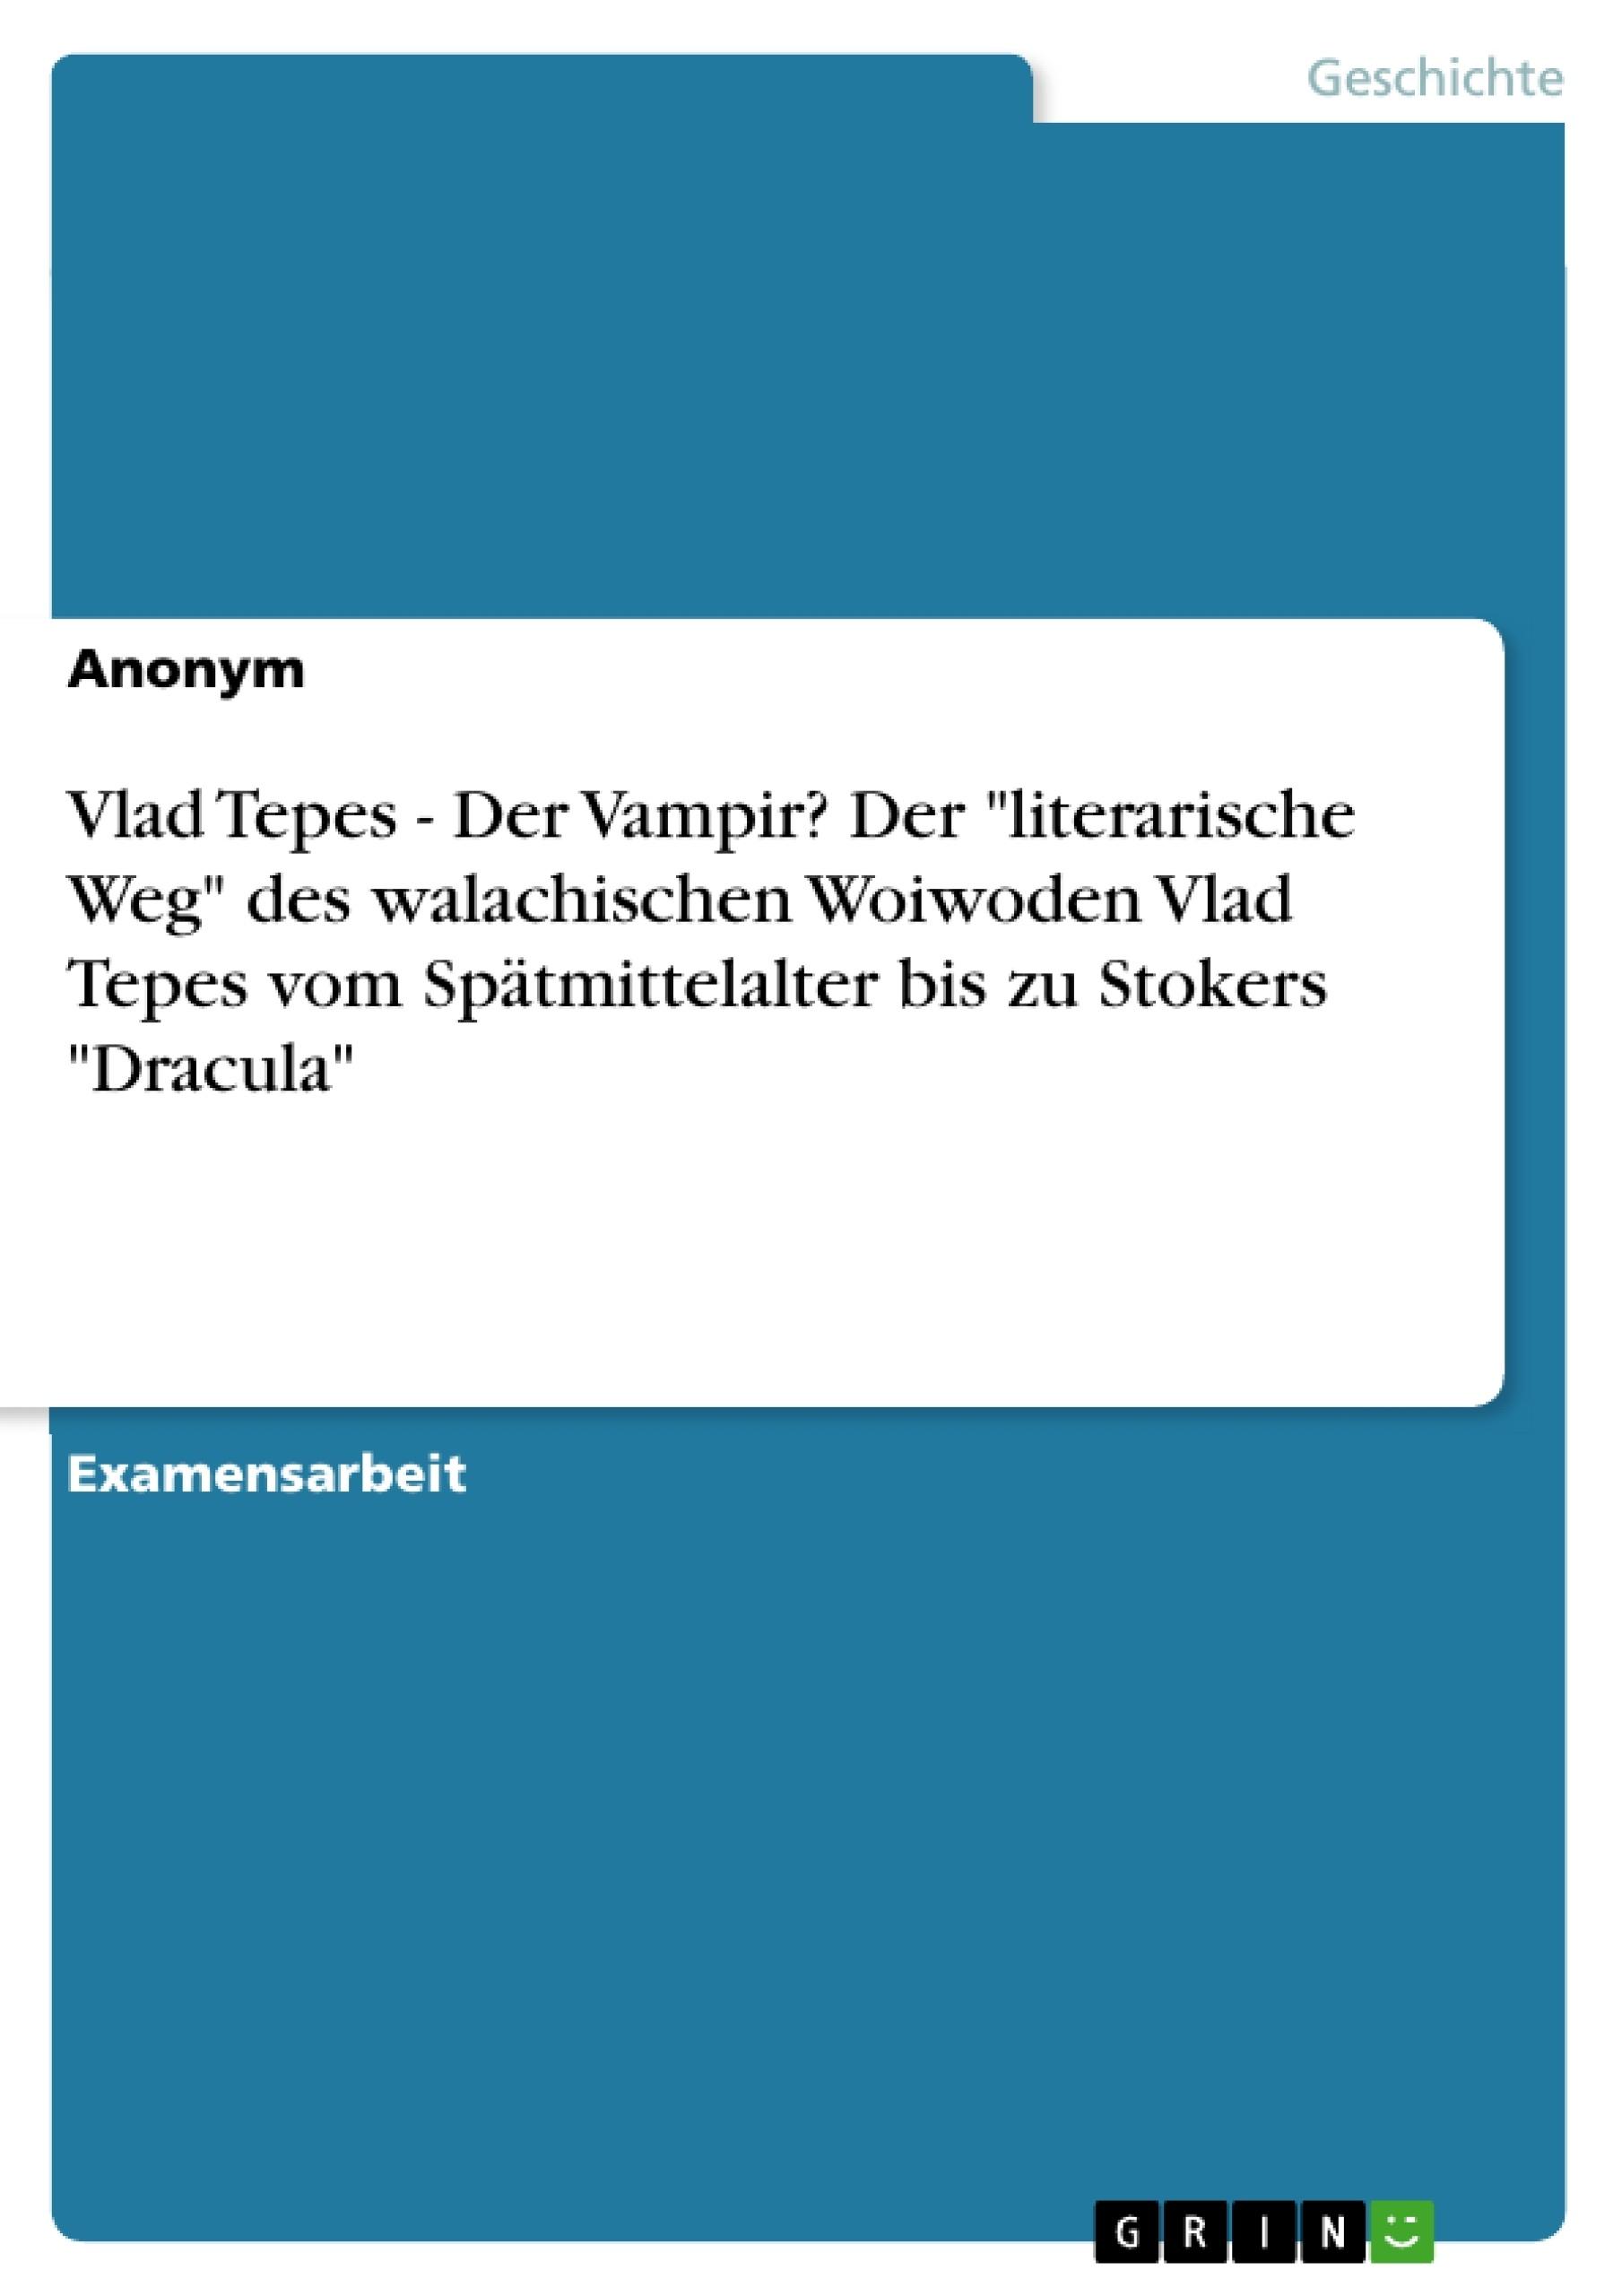 """Titel: Vlad Tepes - Der Vampir? Der """"literarische Weg"""" des walachischen Woiwoden Vlad Tepes vom Spätmittelalter bis zu Stokers """"Dracula"""""""